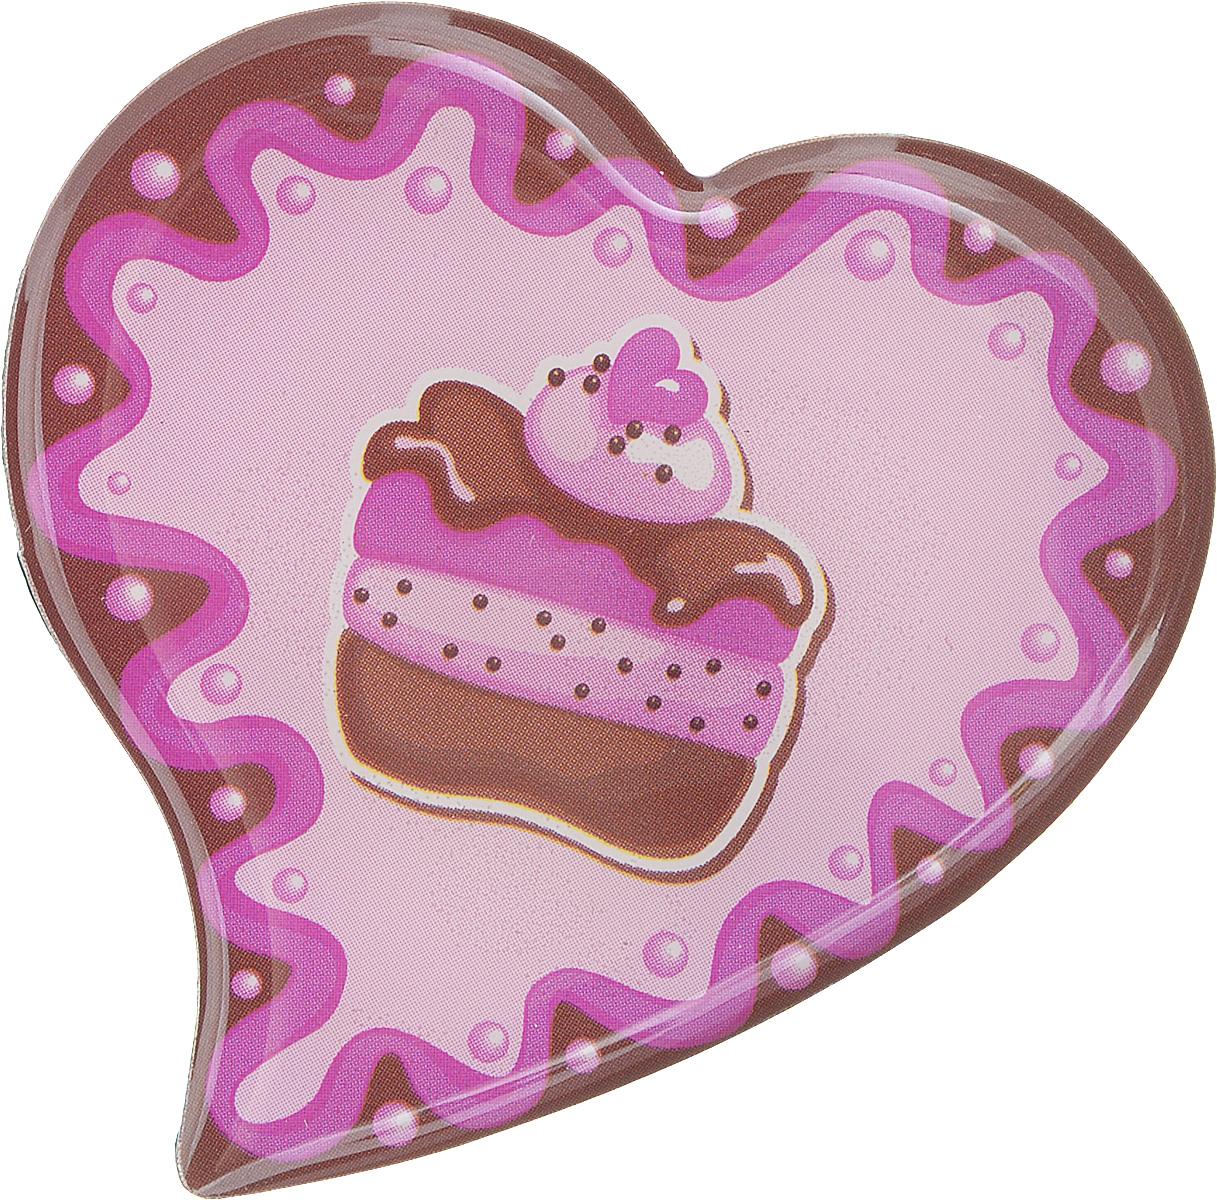 Магнит Феникс-презент Пирожное, 5 x 5 см27183Магнит в форме сердца Феникс-презент Пирожное, выполненный из агломерированного феррита, станет приятным штрихом в повседневной жизни. Оригинальный магнит, декорированный изображением пирожного, поможет вам украсить не только холодильник, но и любую другую магнитную поверхность. Материал: агломерированный феррит.